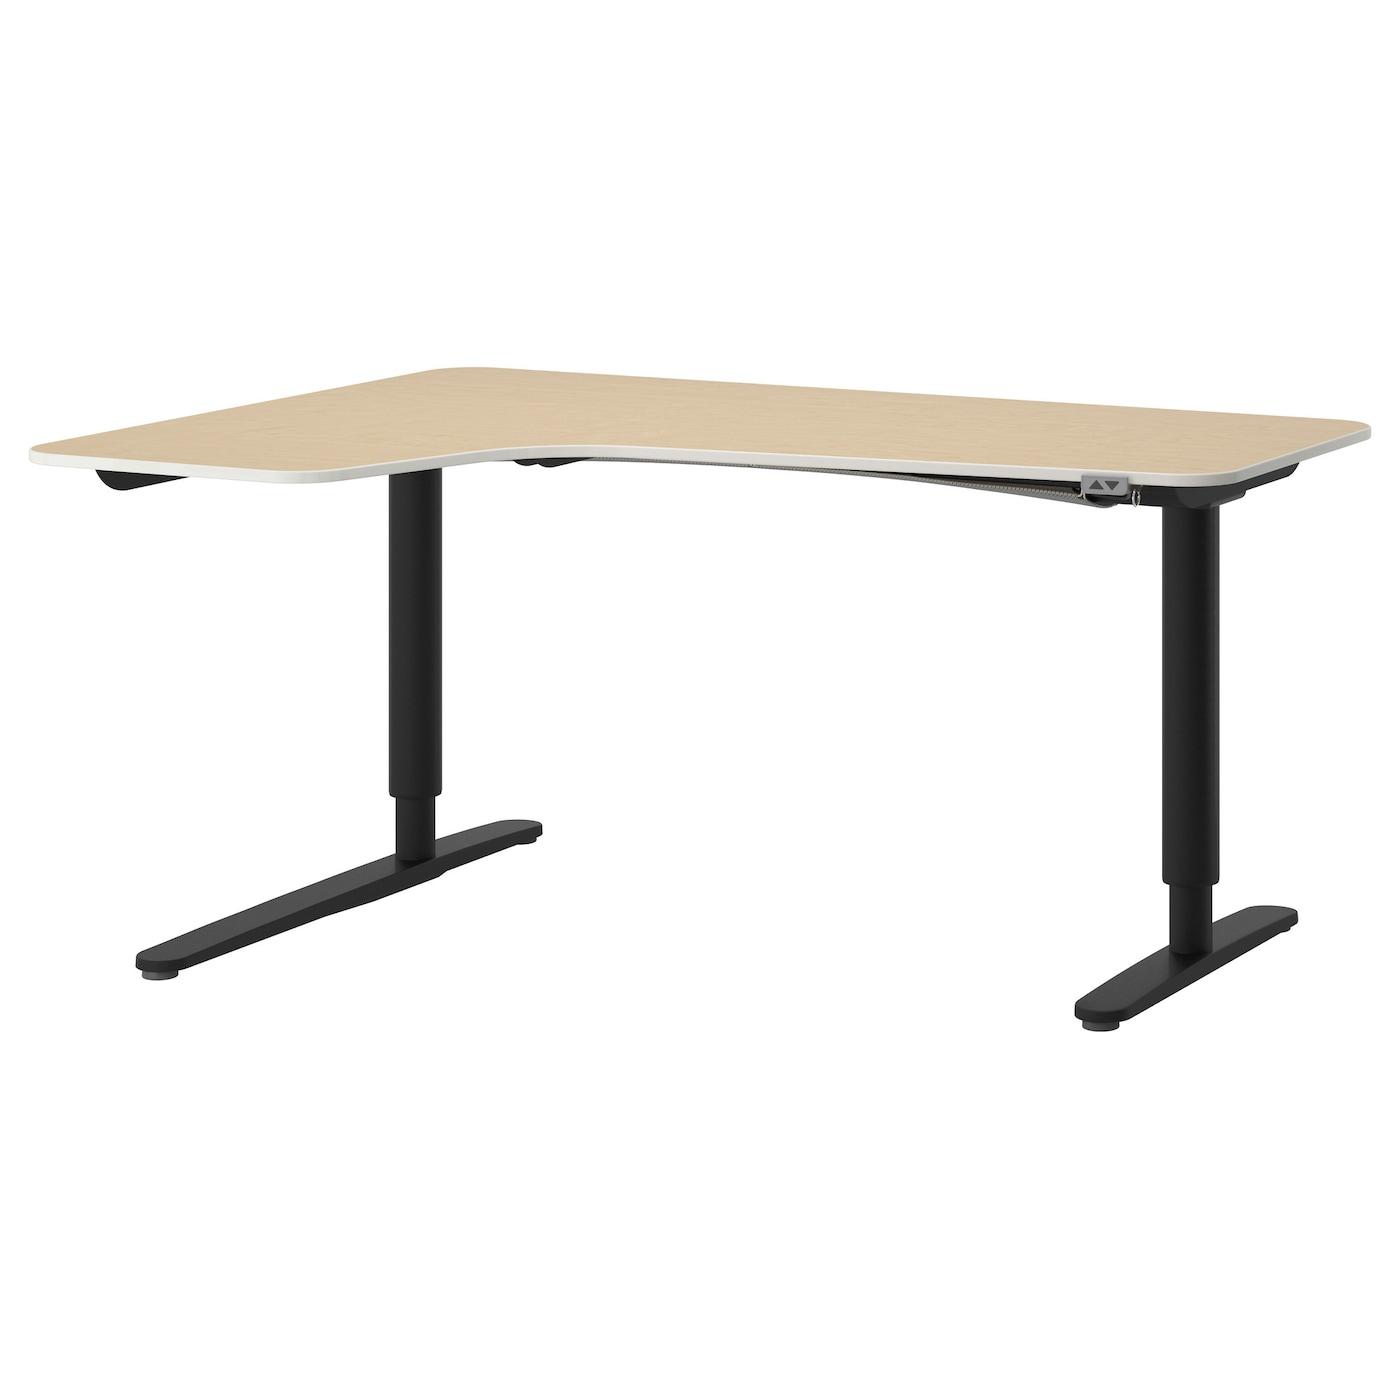 bekant bureau d 39 angle gch assis debout plaqu bouleau noir 160 x 110 cm ikea. Black Bedroom Furniture Sets. Home Design Ideas